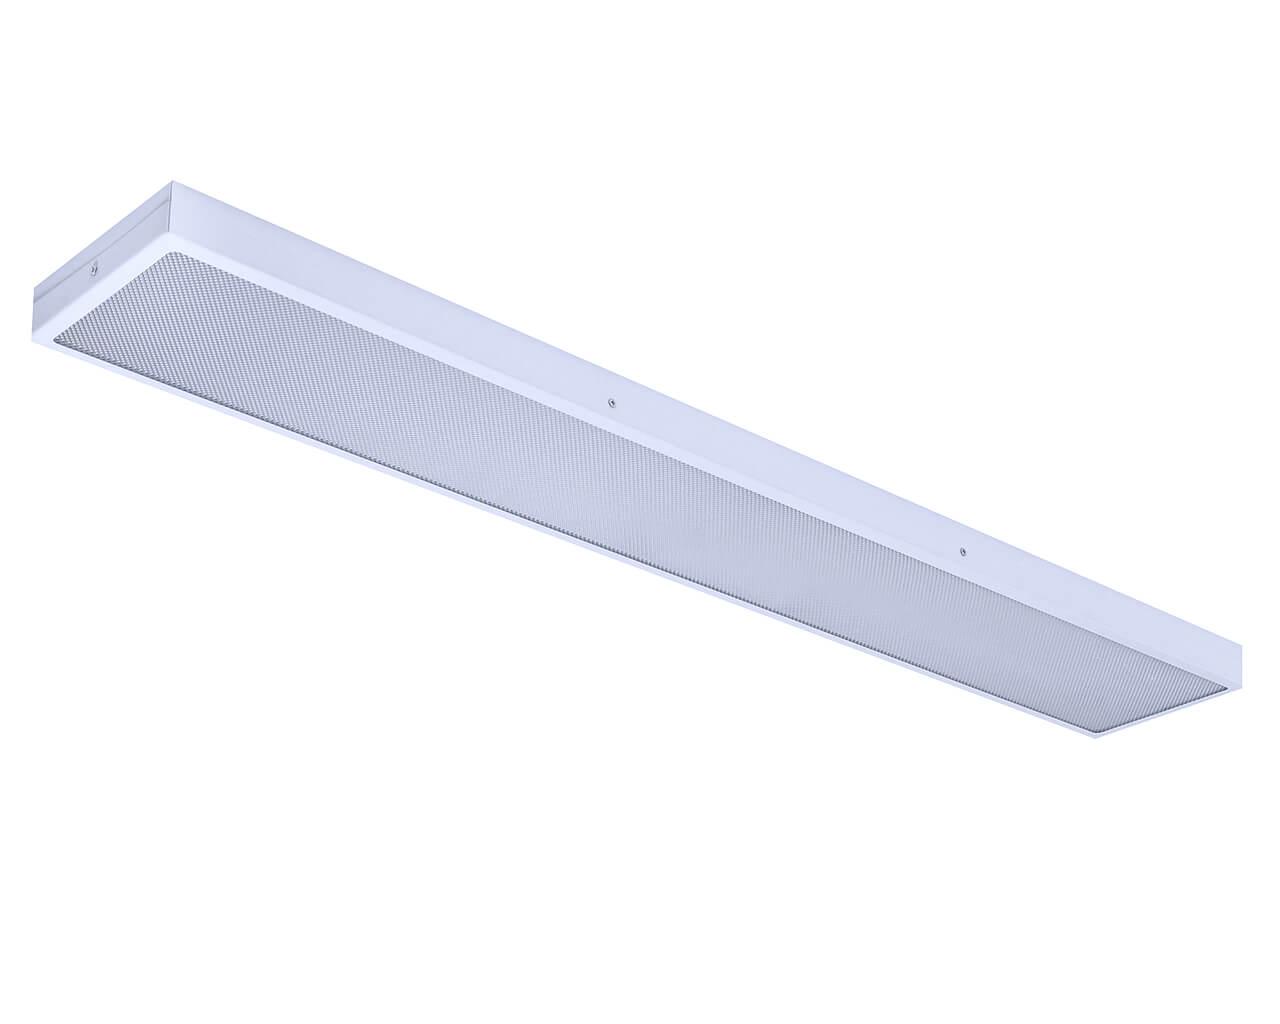 Накладной светильник LC-NS-SIP65-40 1195*180 IP65 Теплый белый Призма